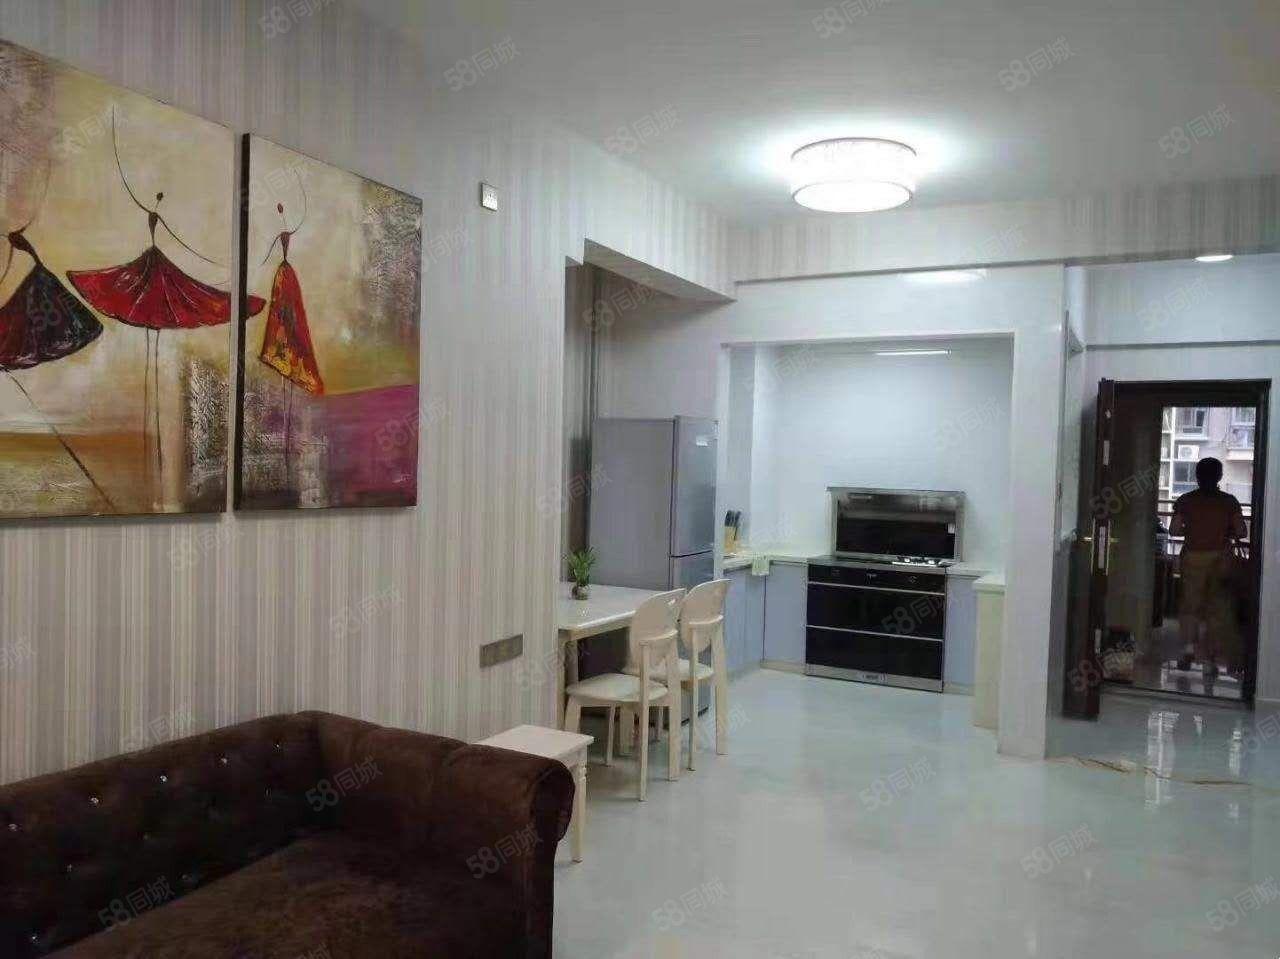 万达旁东湖豪门标准2房62平方设备齐全小区房